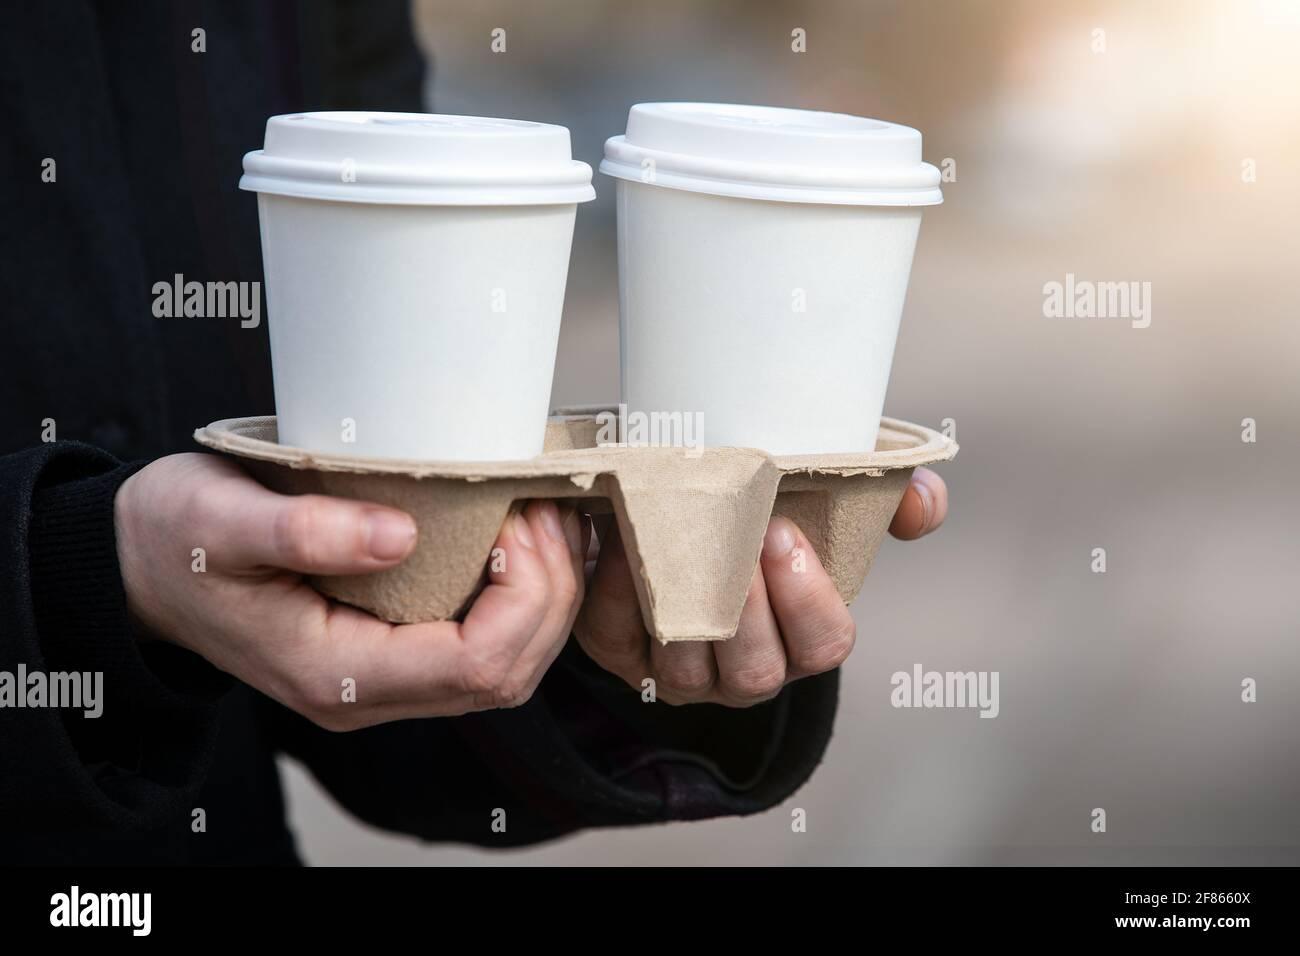 Tazze di carta da togliere. La mattina presto, la colazione e l'inizio della giornata lavorativa. Foto Stock